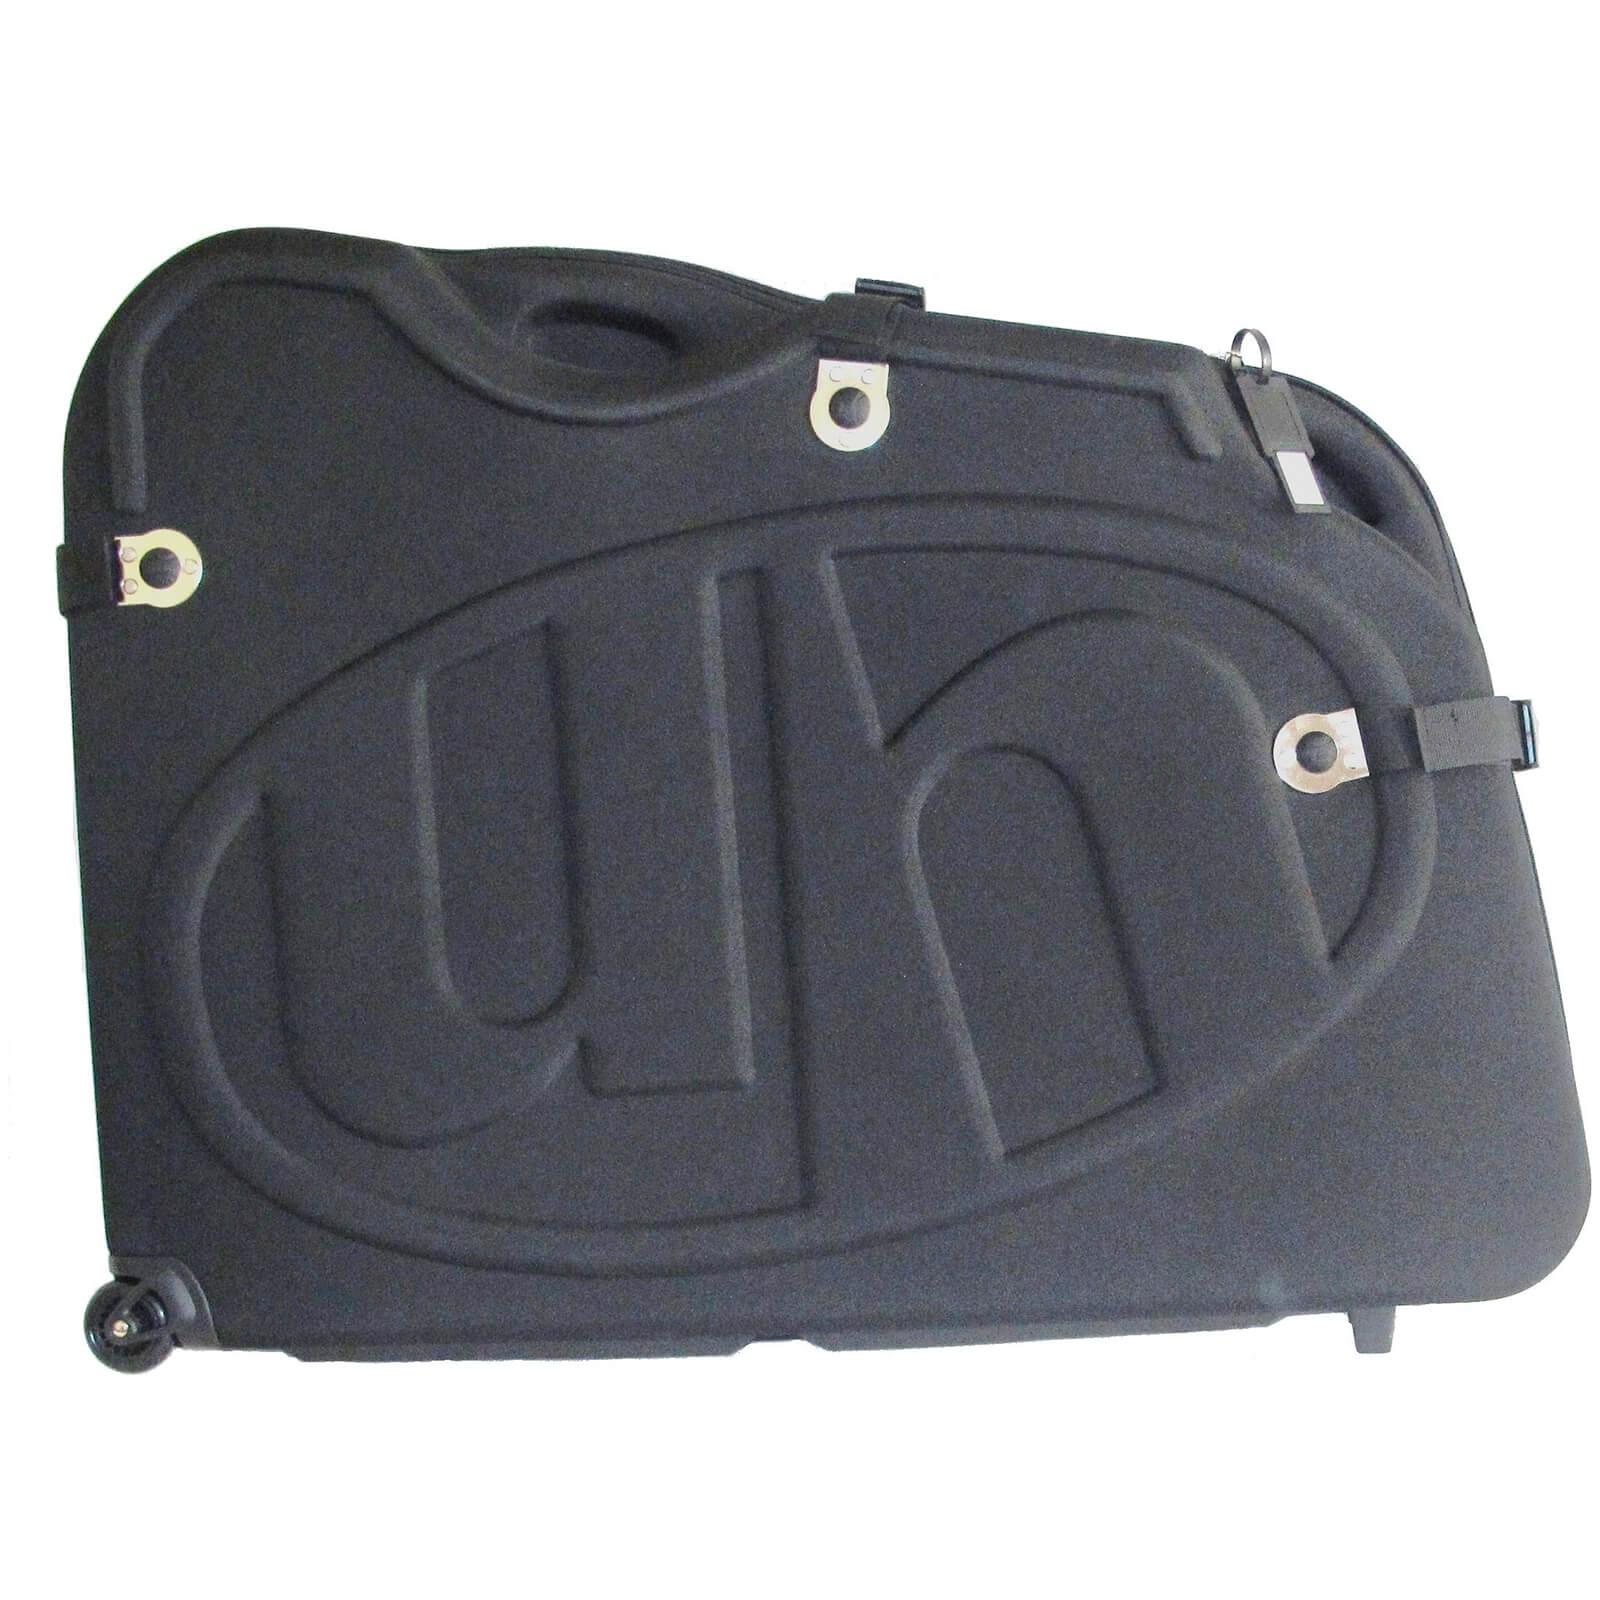 ultimate hardware eva bike case